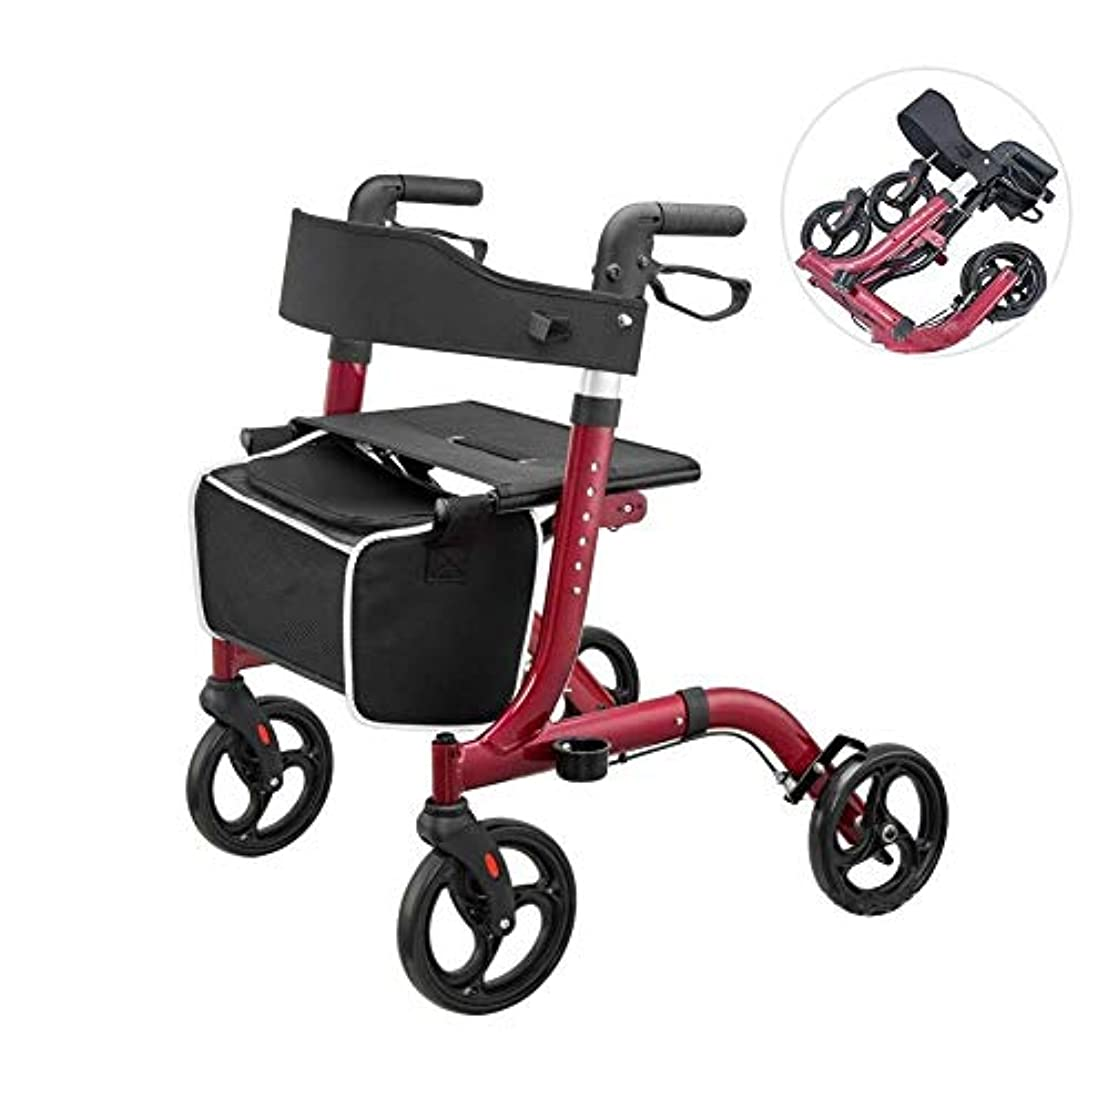 気分回路フットボール障害者および老人用の座席と買い物かごを備えた軽量折りたたみ式歩行器